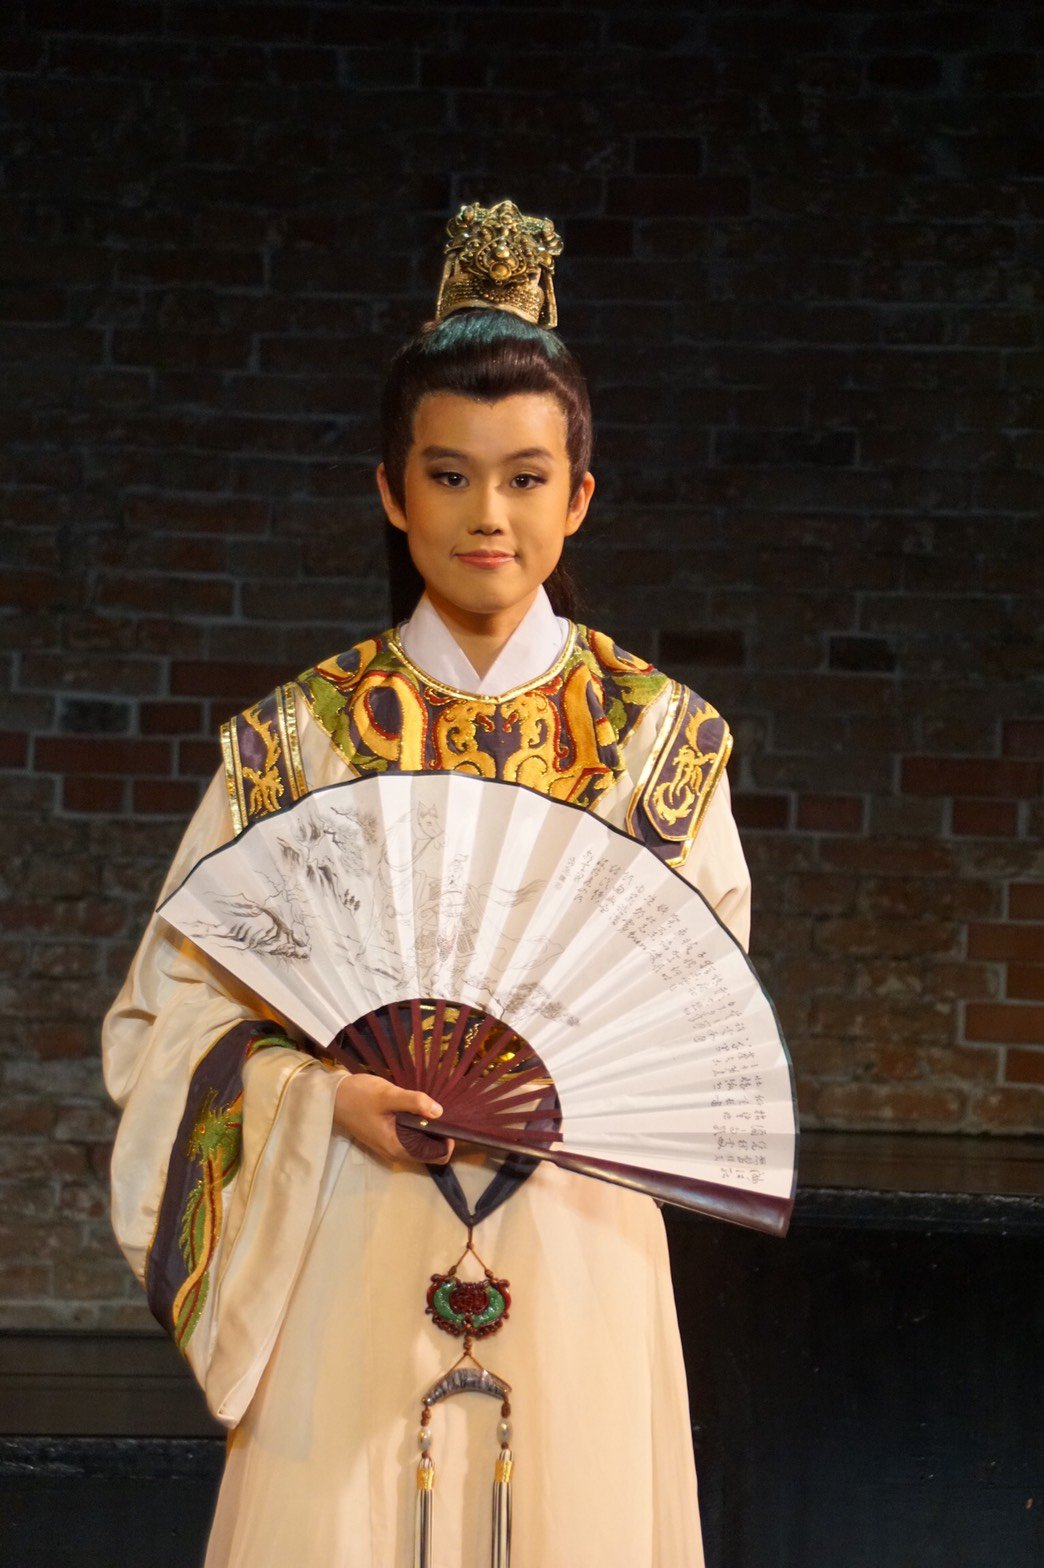 黃小妹裝扮成楊麗花歌仔戲造型頗有架式。圖/麗生百合提供